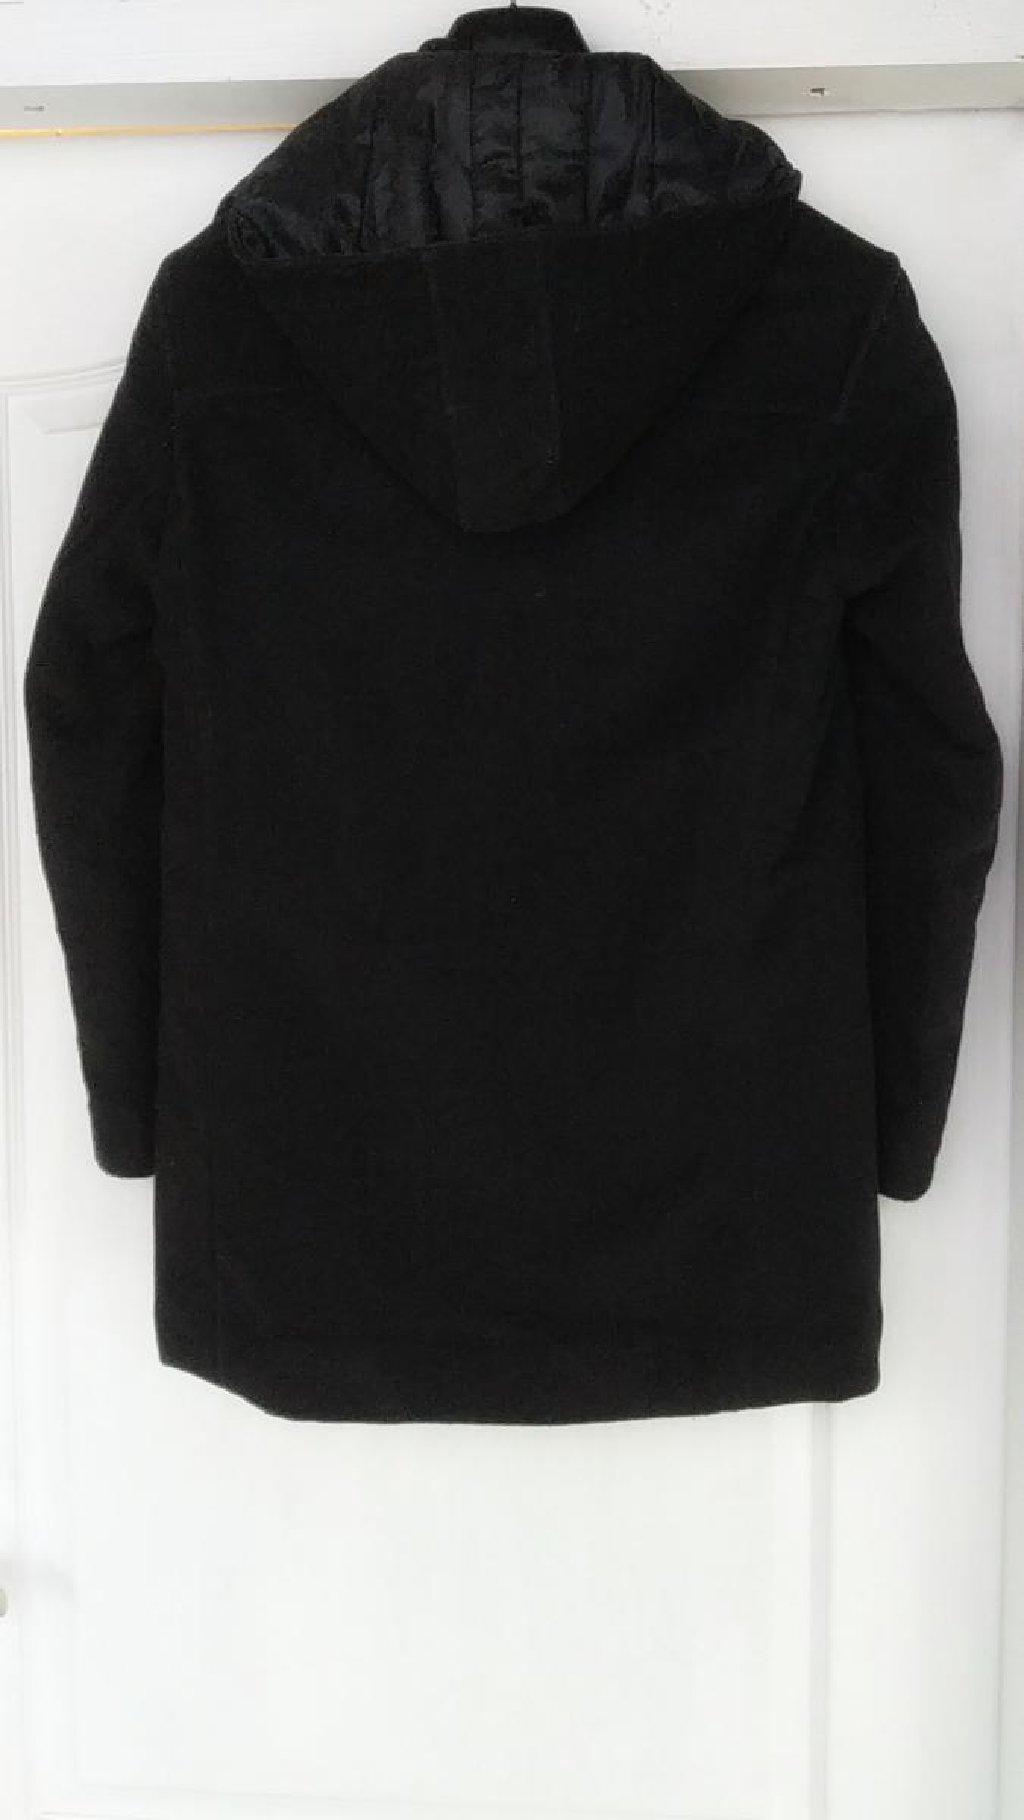 Pravi zimski kaput za dečake (12-13god) u crnoj boji